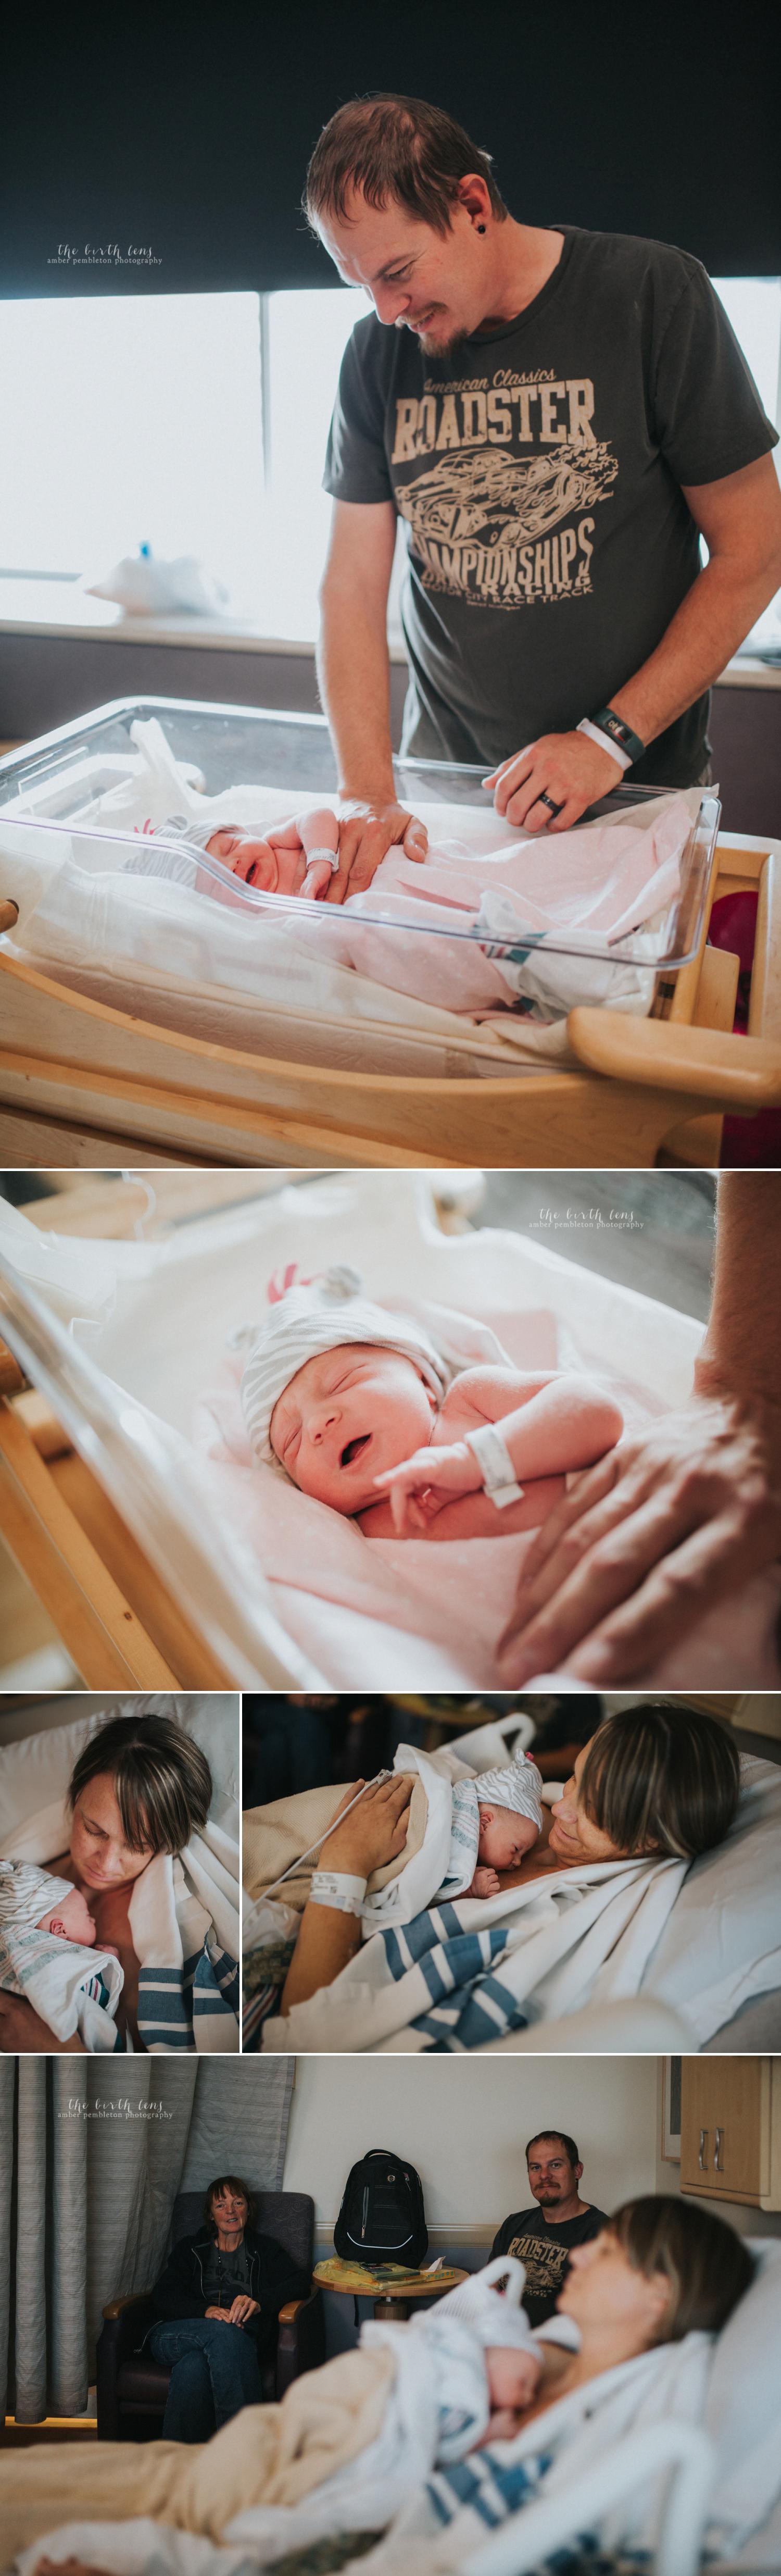 postpartum-nursing-in-hospital.jpg